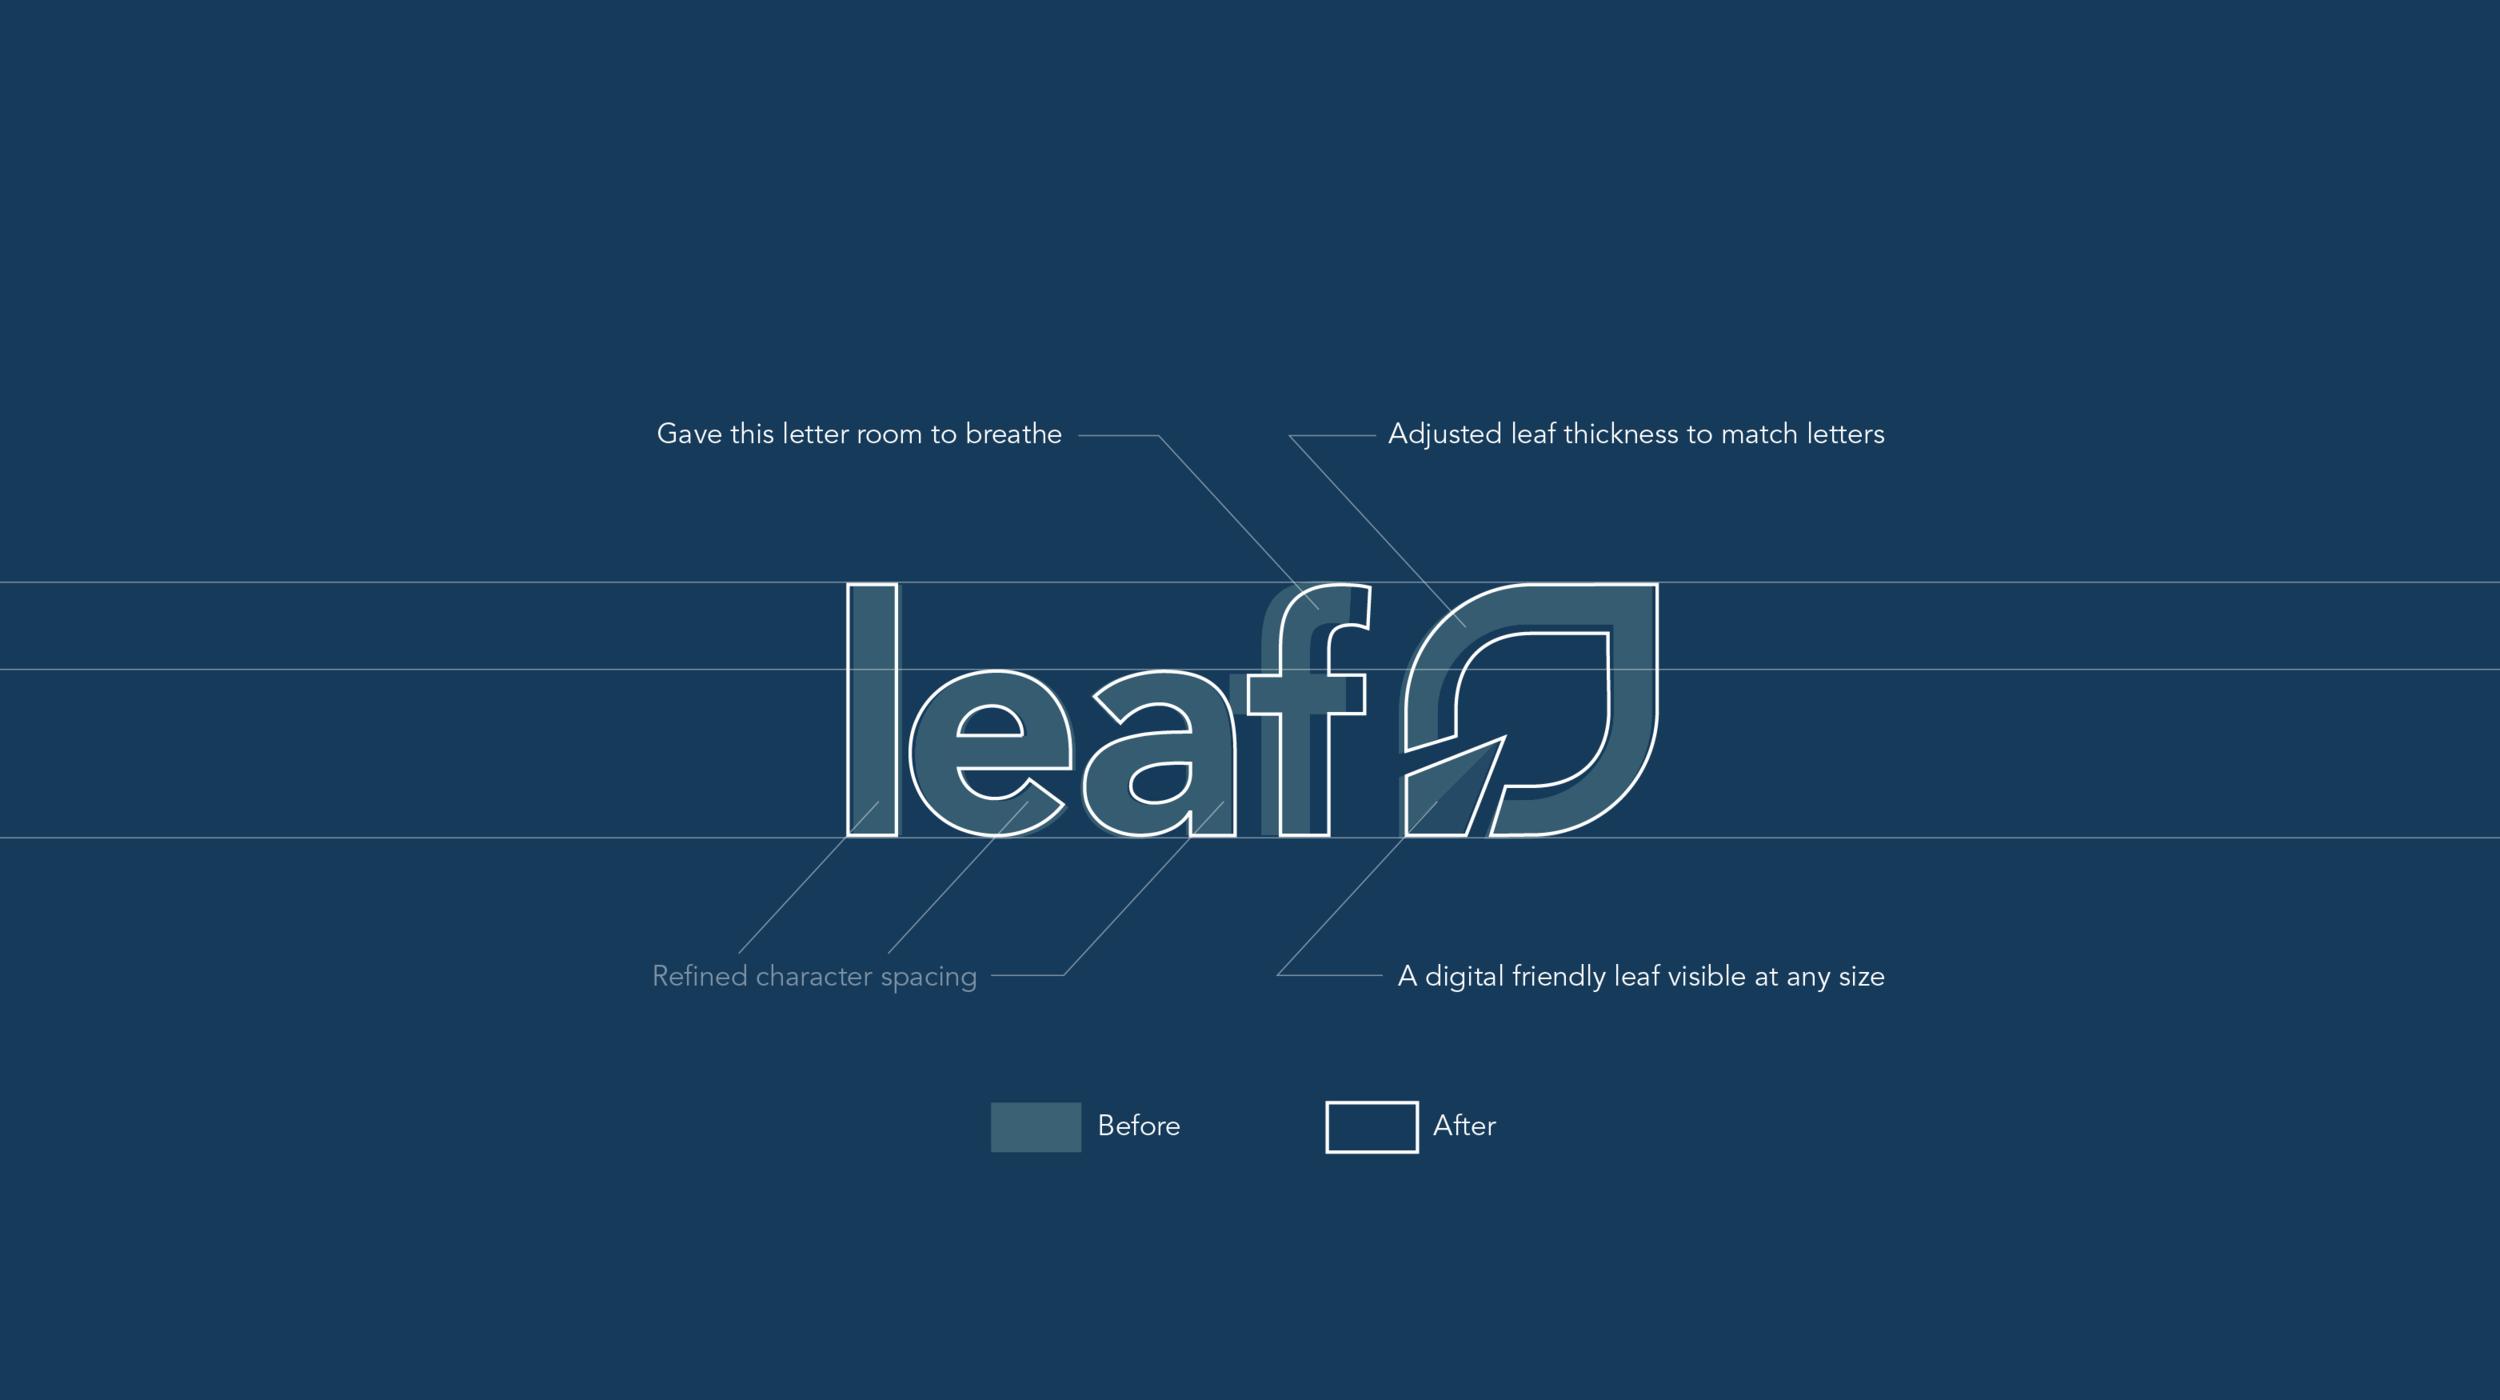 Leaf - Case Studies - Logo Before After Comparison  - 1.2_Logo Before After copy.png